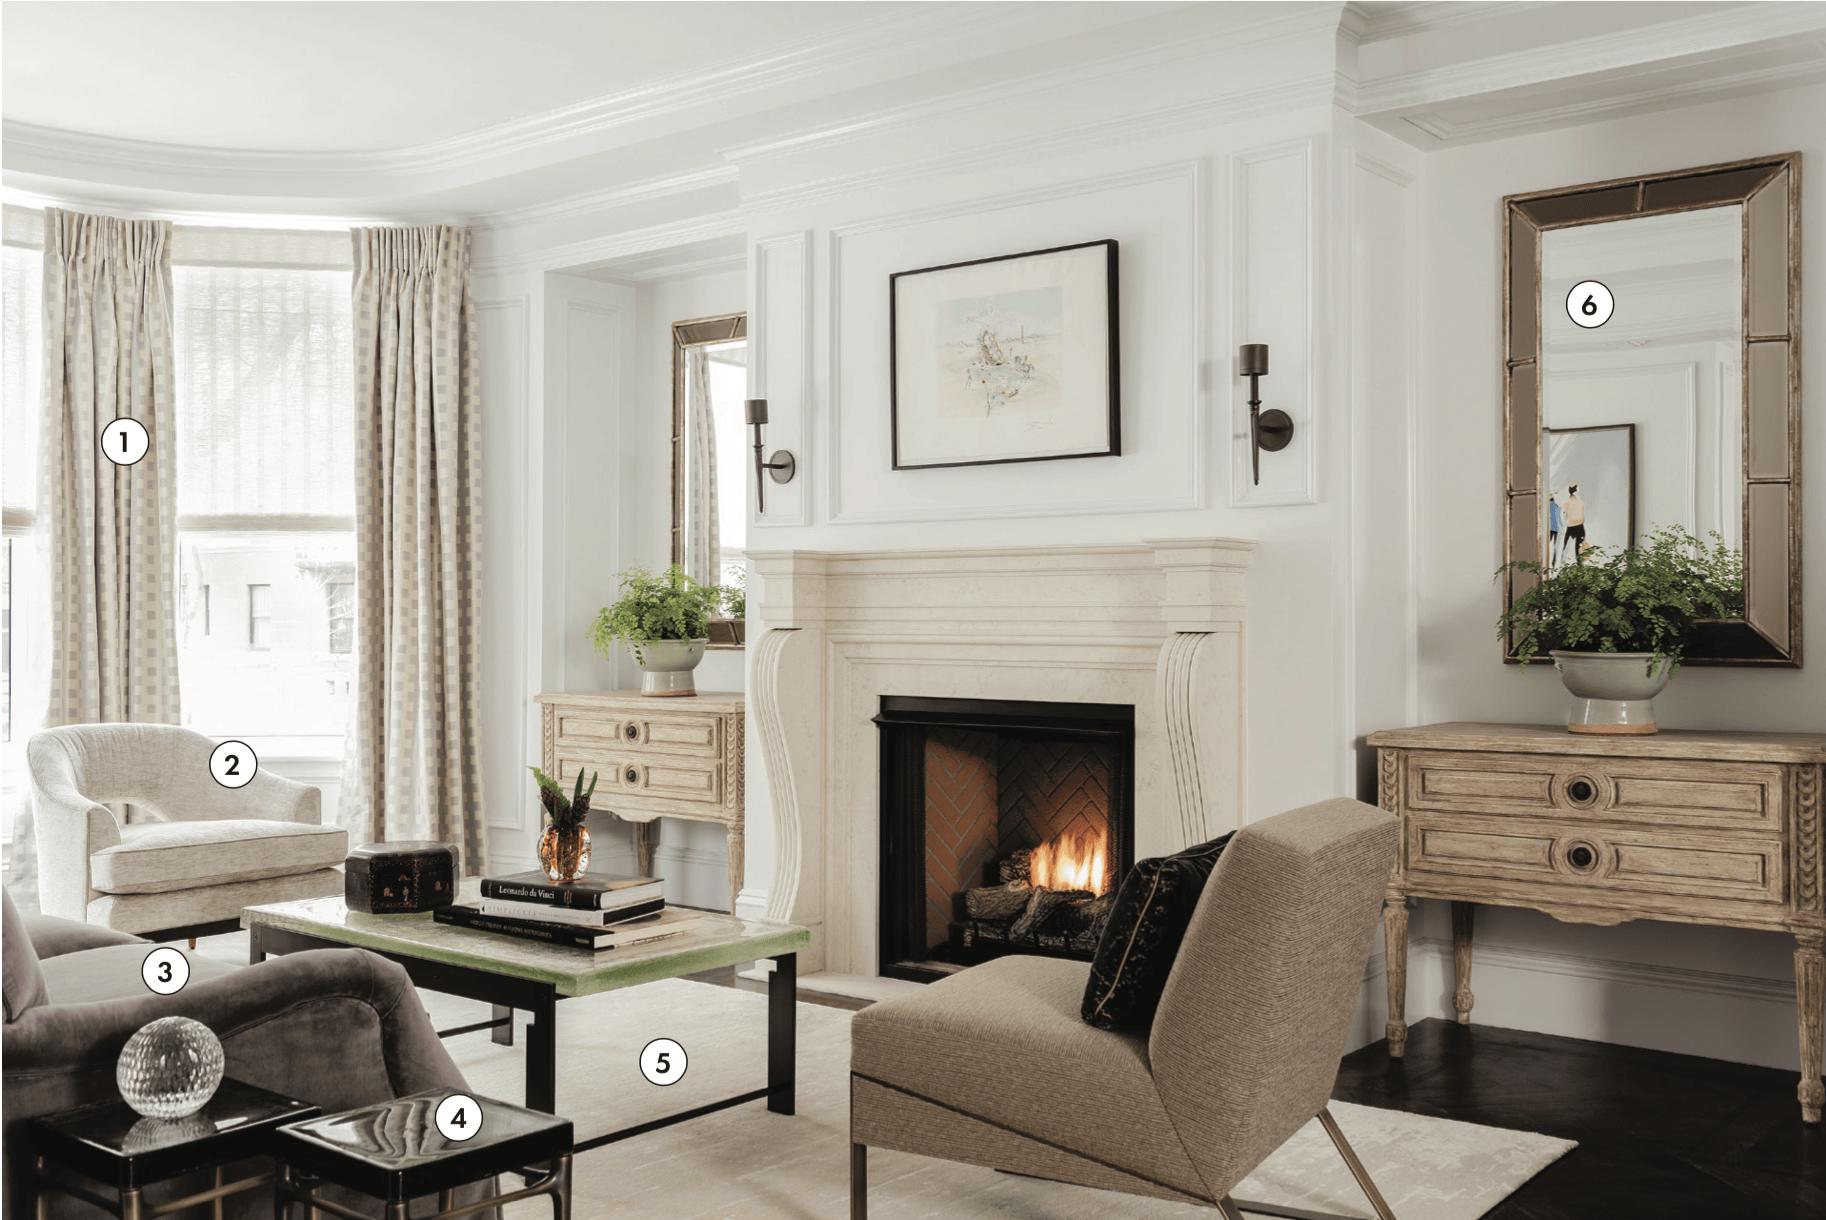 Inspired Interiors Living Room Refresh, The Living Room Boston